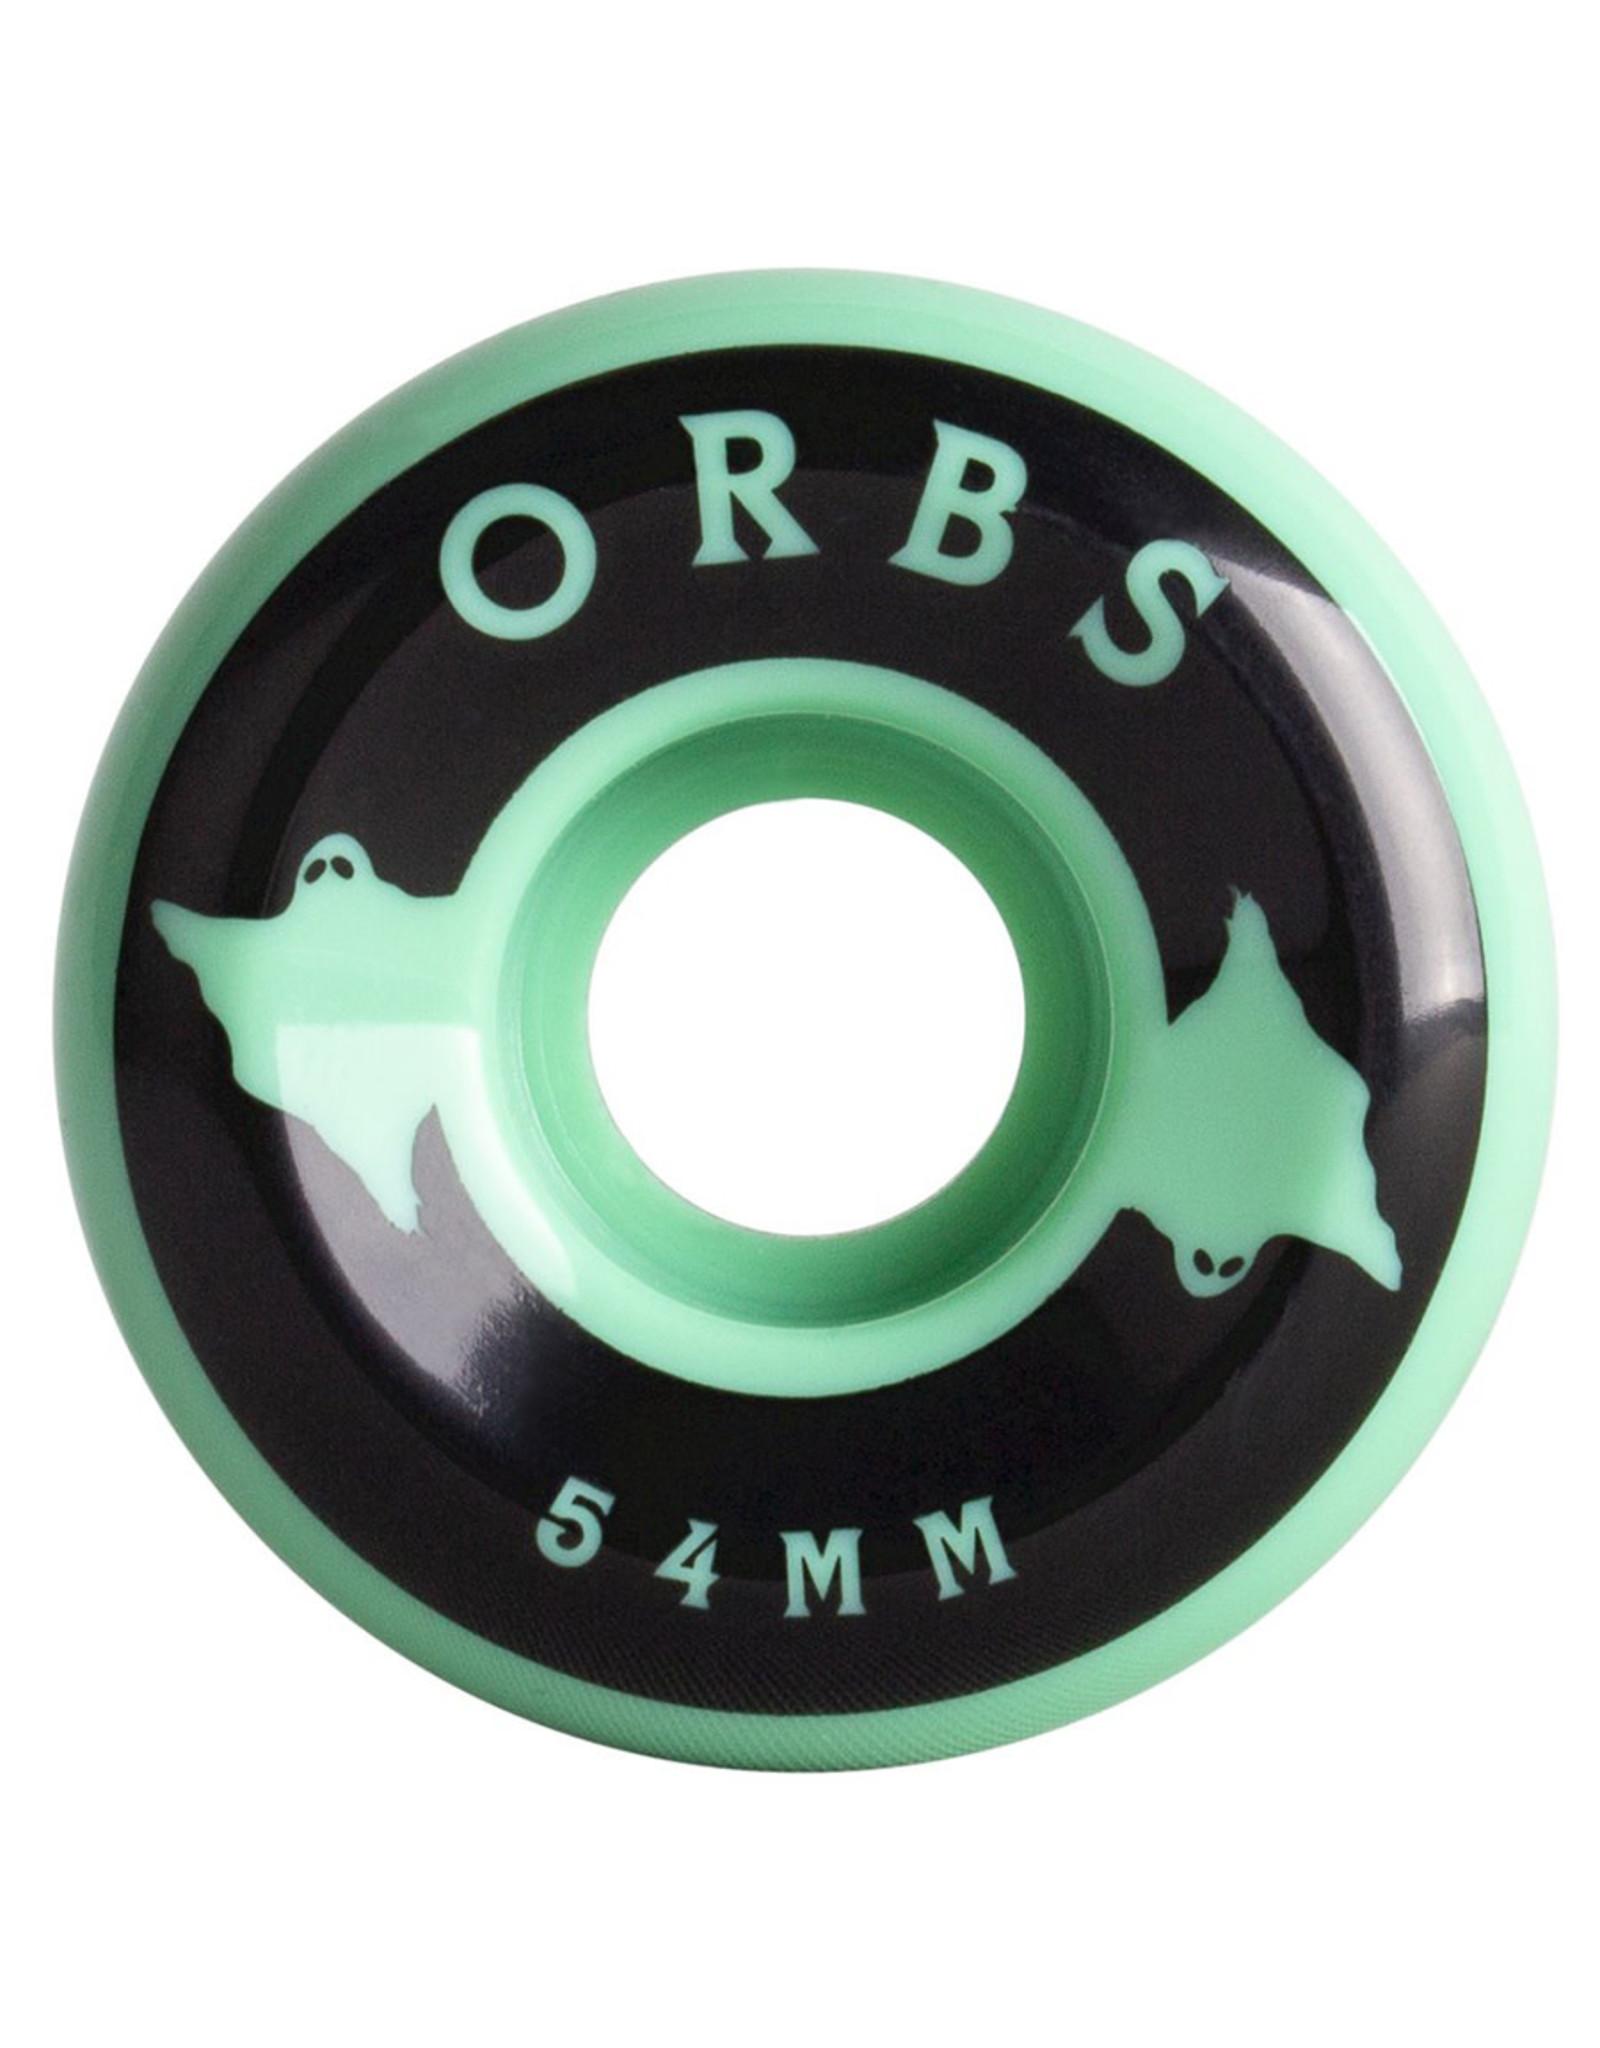 Orbs Wheels Orbs Wheels Specters Solids Mint (54mm/99a)